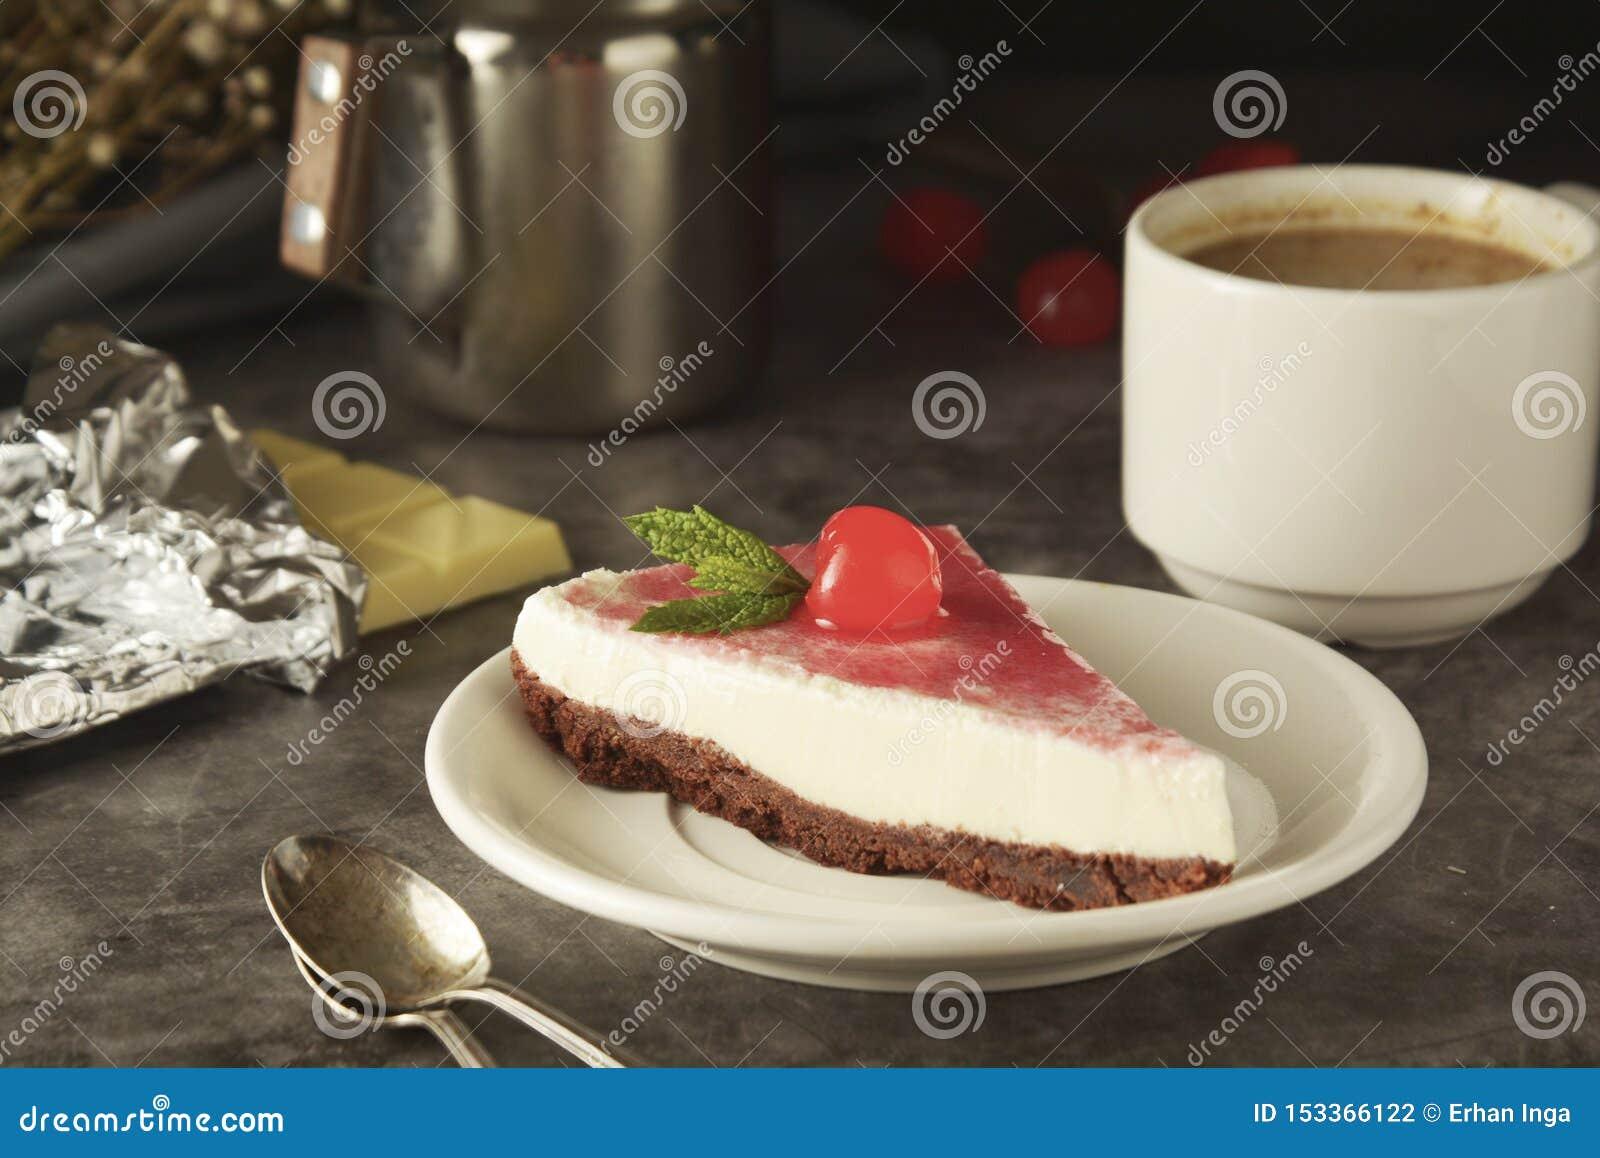 Pastel de queso con la cereza en fondo oscuro Torta hecha en casa, postre